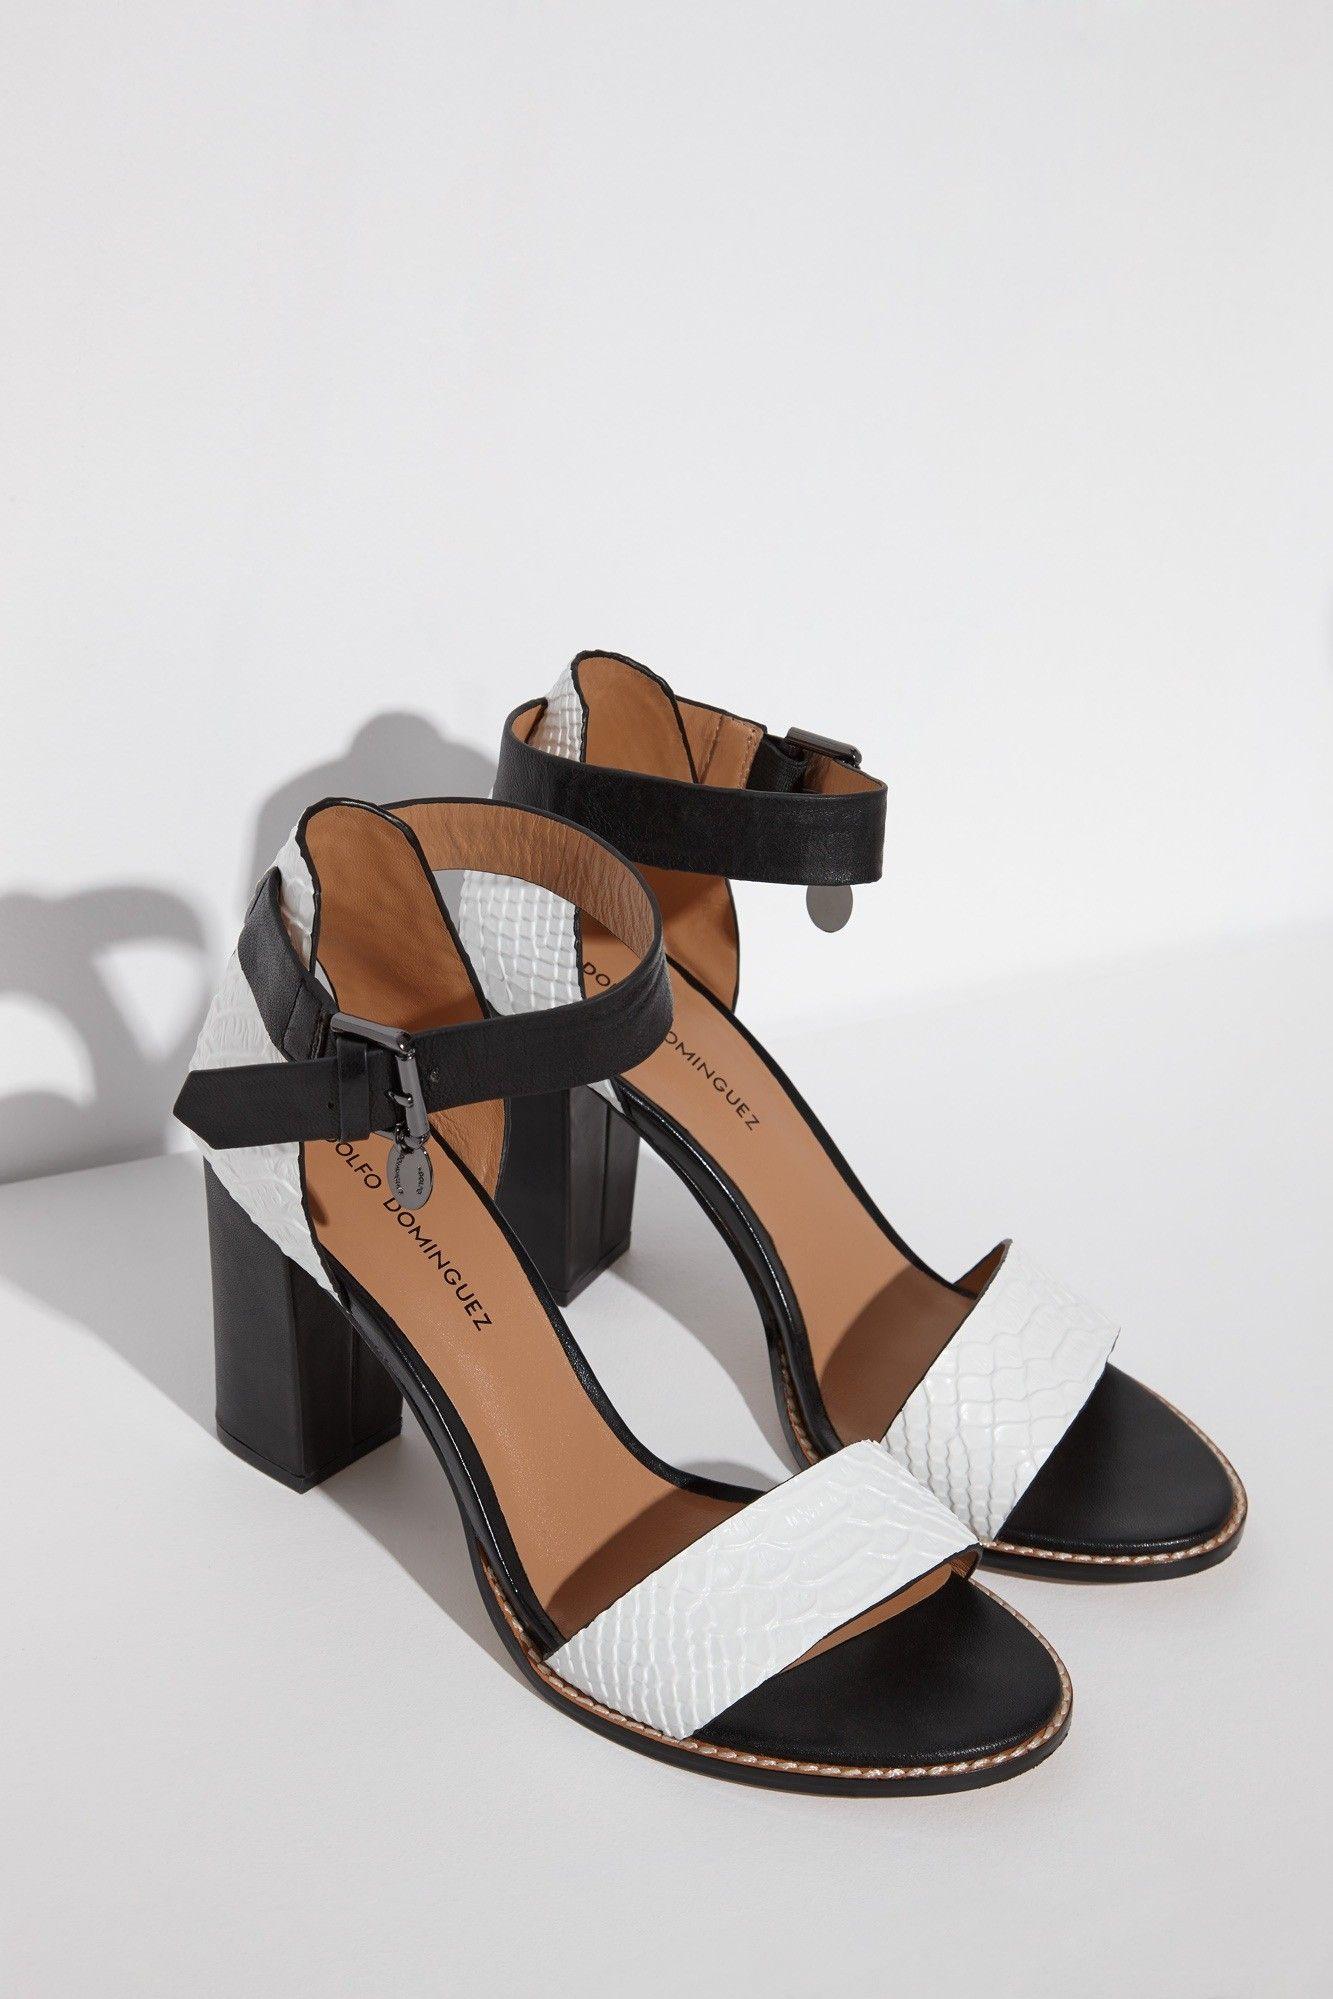 dd9b5ed4 Sandalia bicolor de tacón - calzado | Adolfo Dominguez shop online ...